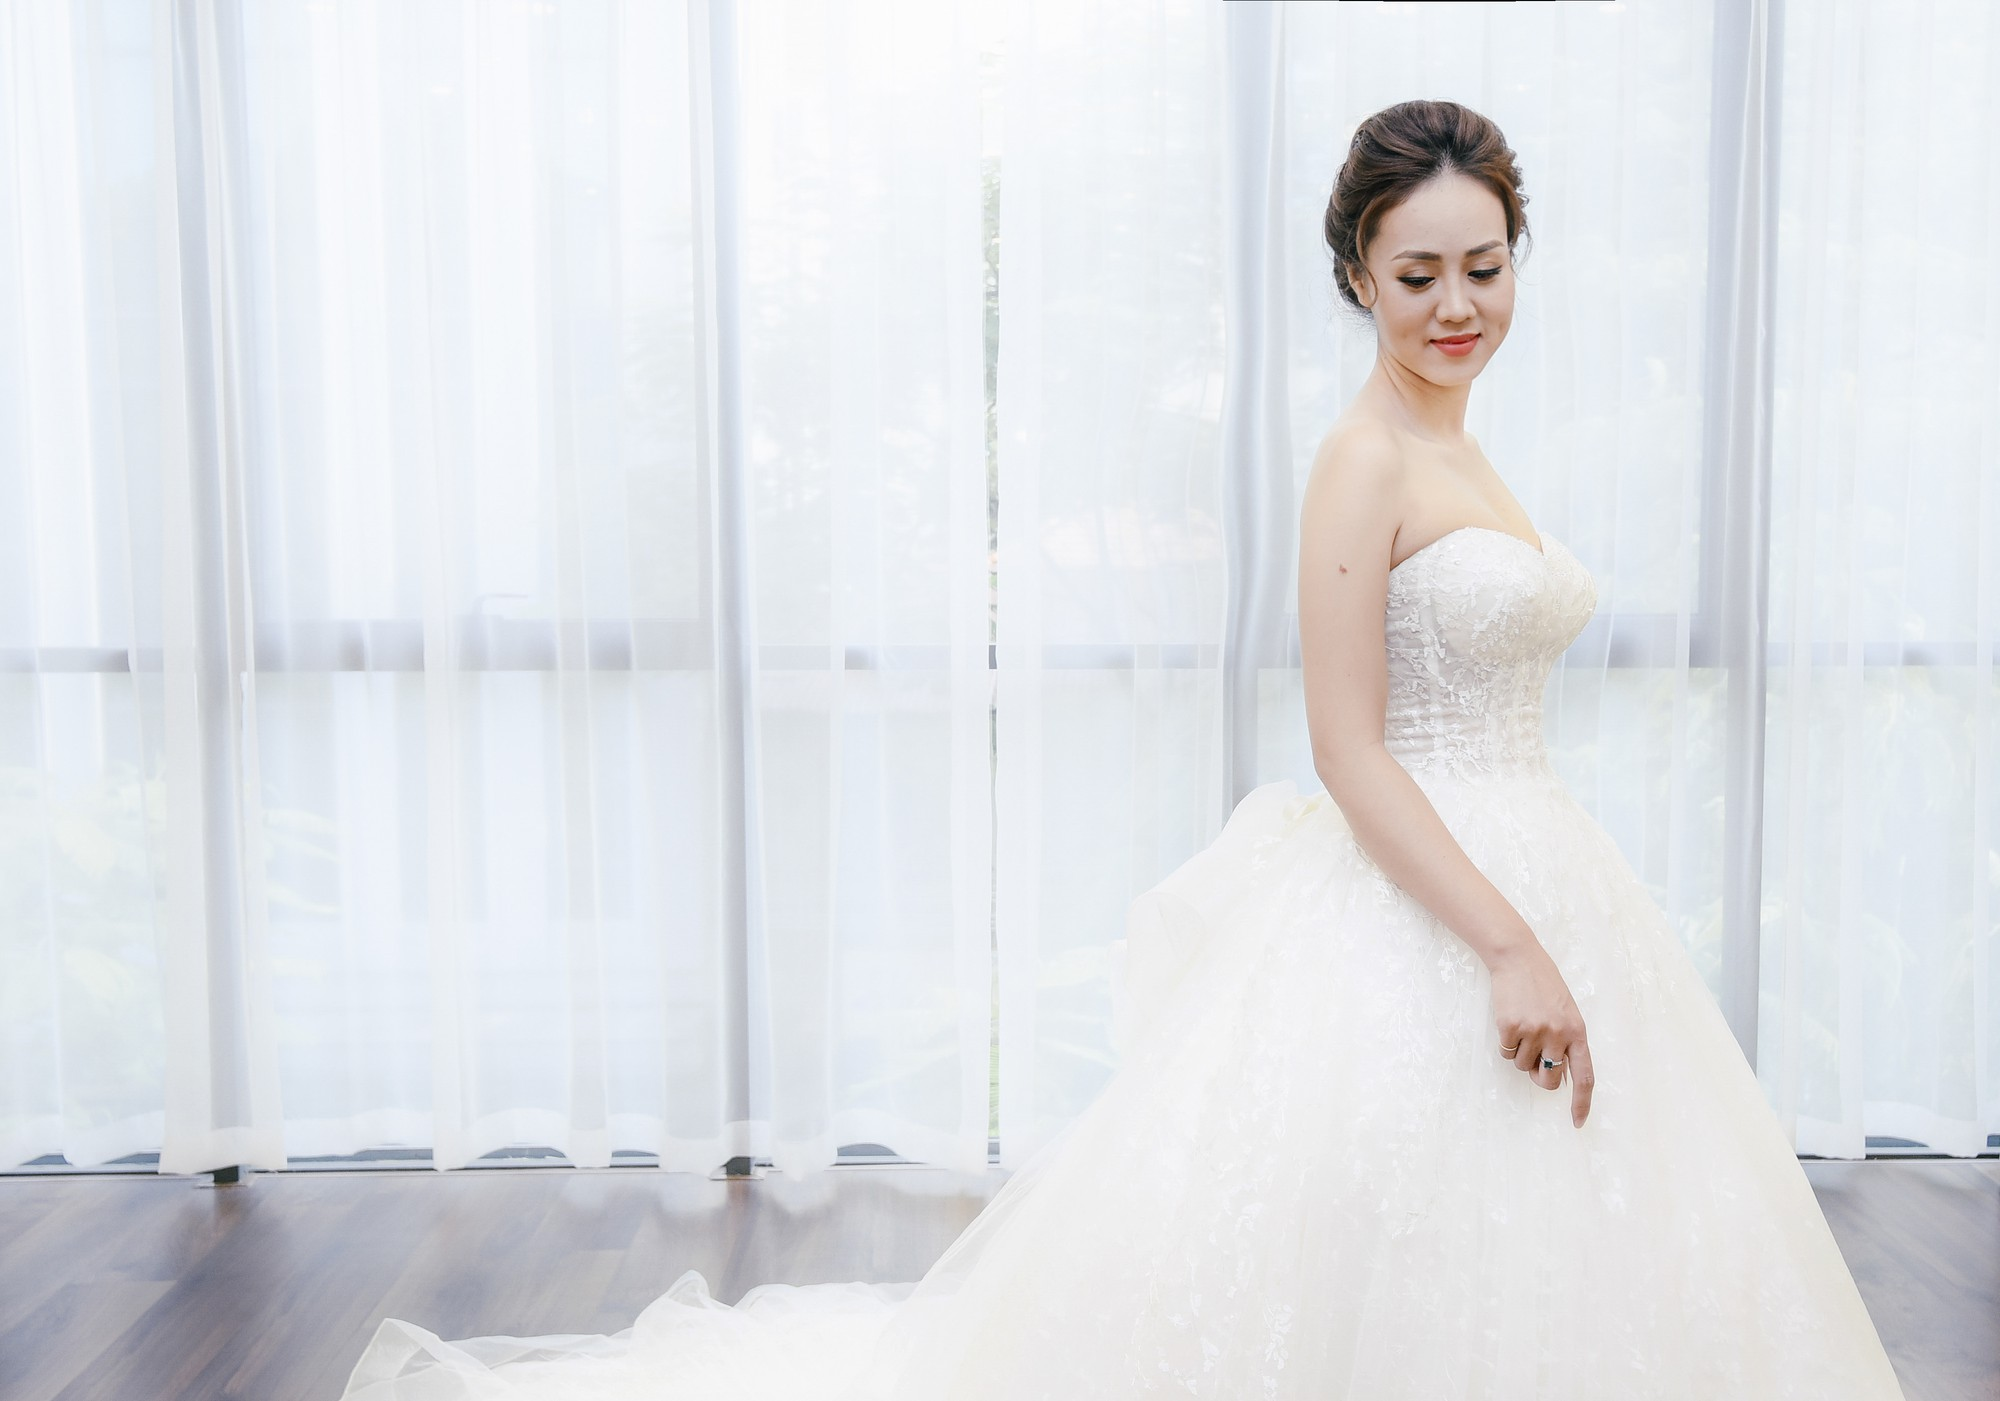 Bạn gái danh hài Công Lý bất ngờ thử váy cưới, làm cô dâu xinh đẹp 7